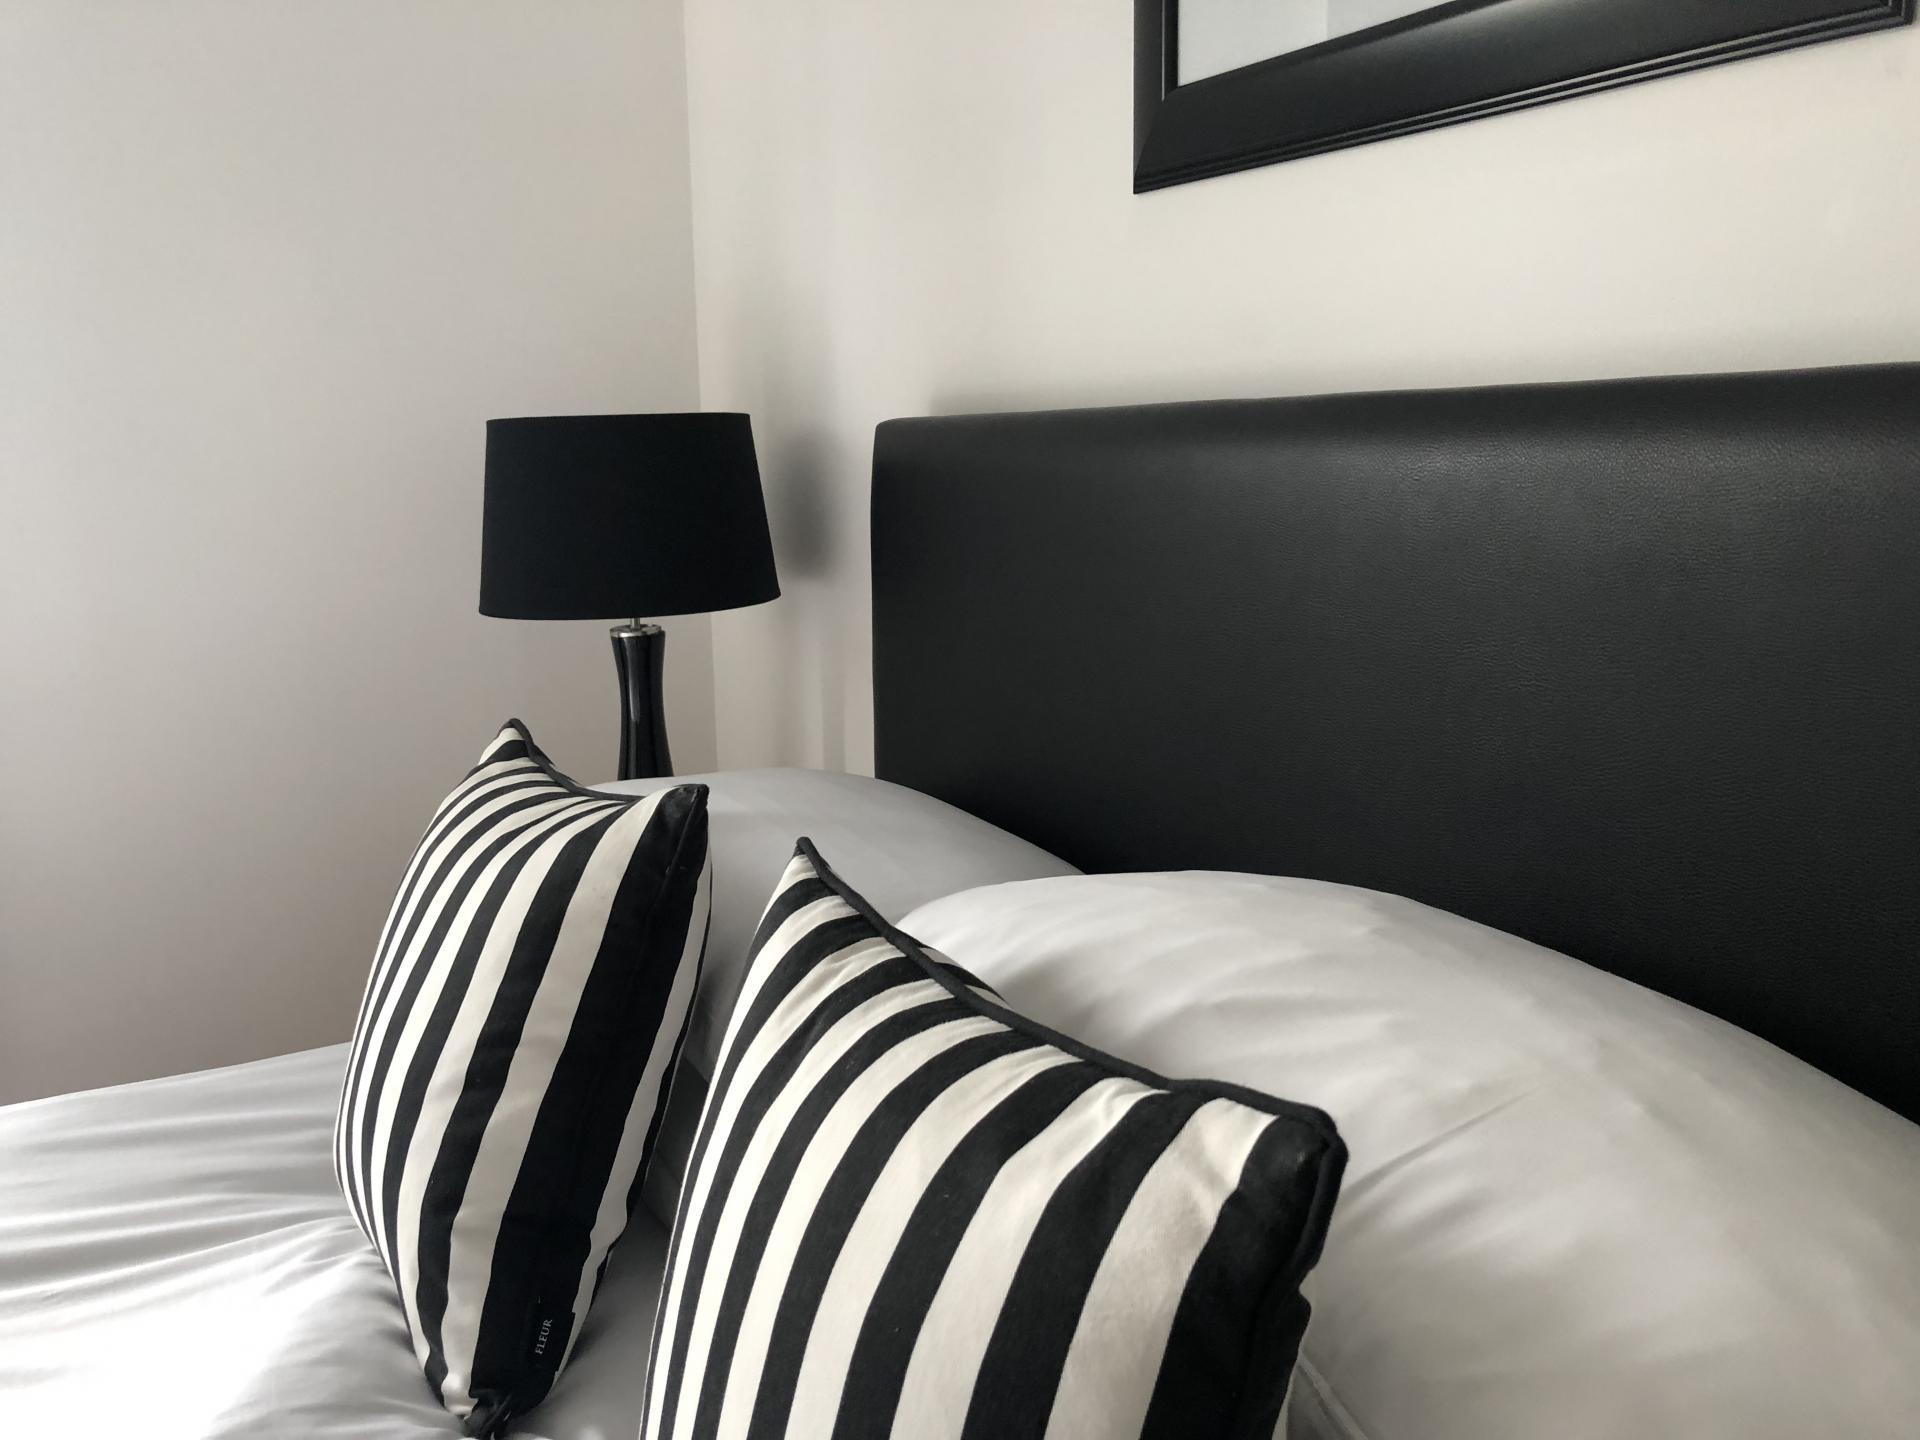 Bedspread at Oakhill Apartments Edinburgh